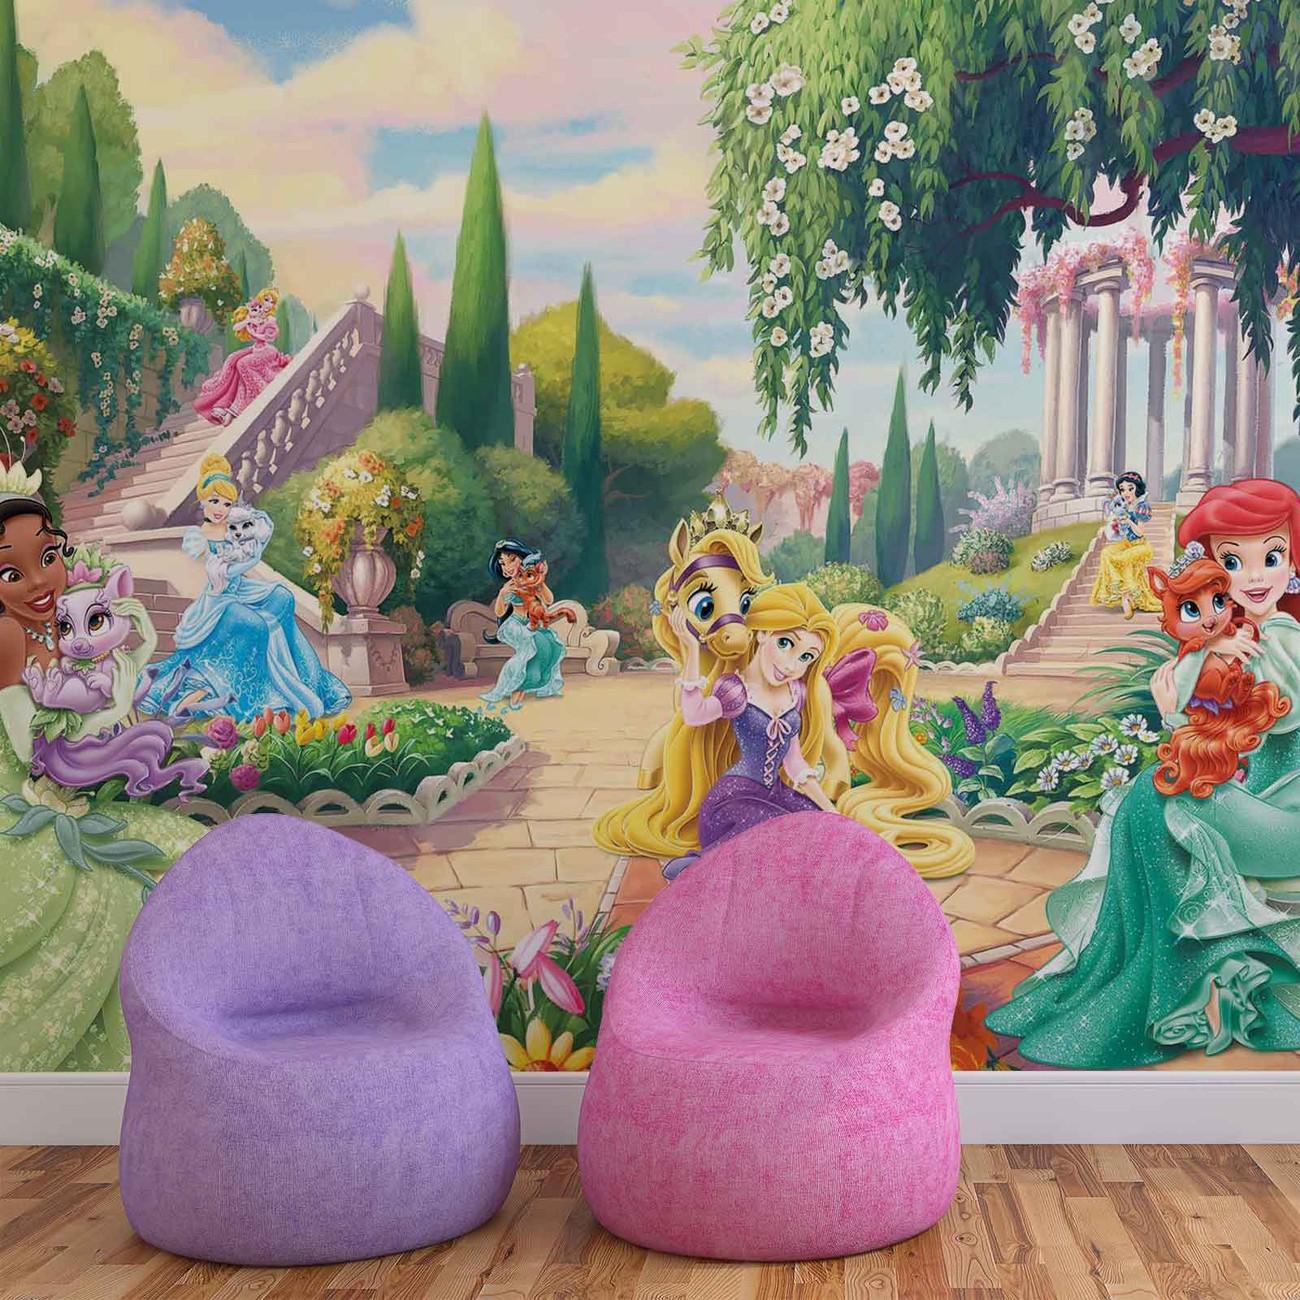 Disney princesses tiana ariel aurora wall paper mural for Disney princess mini mural